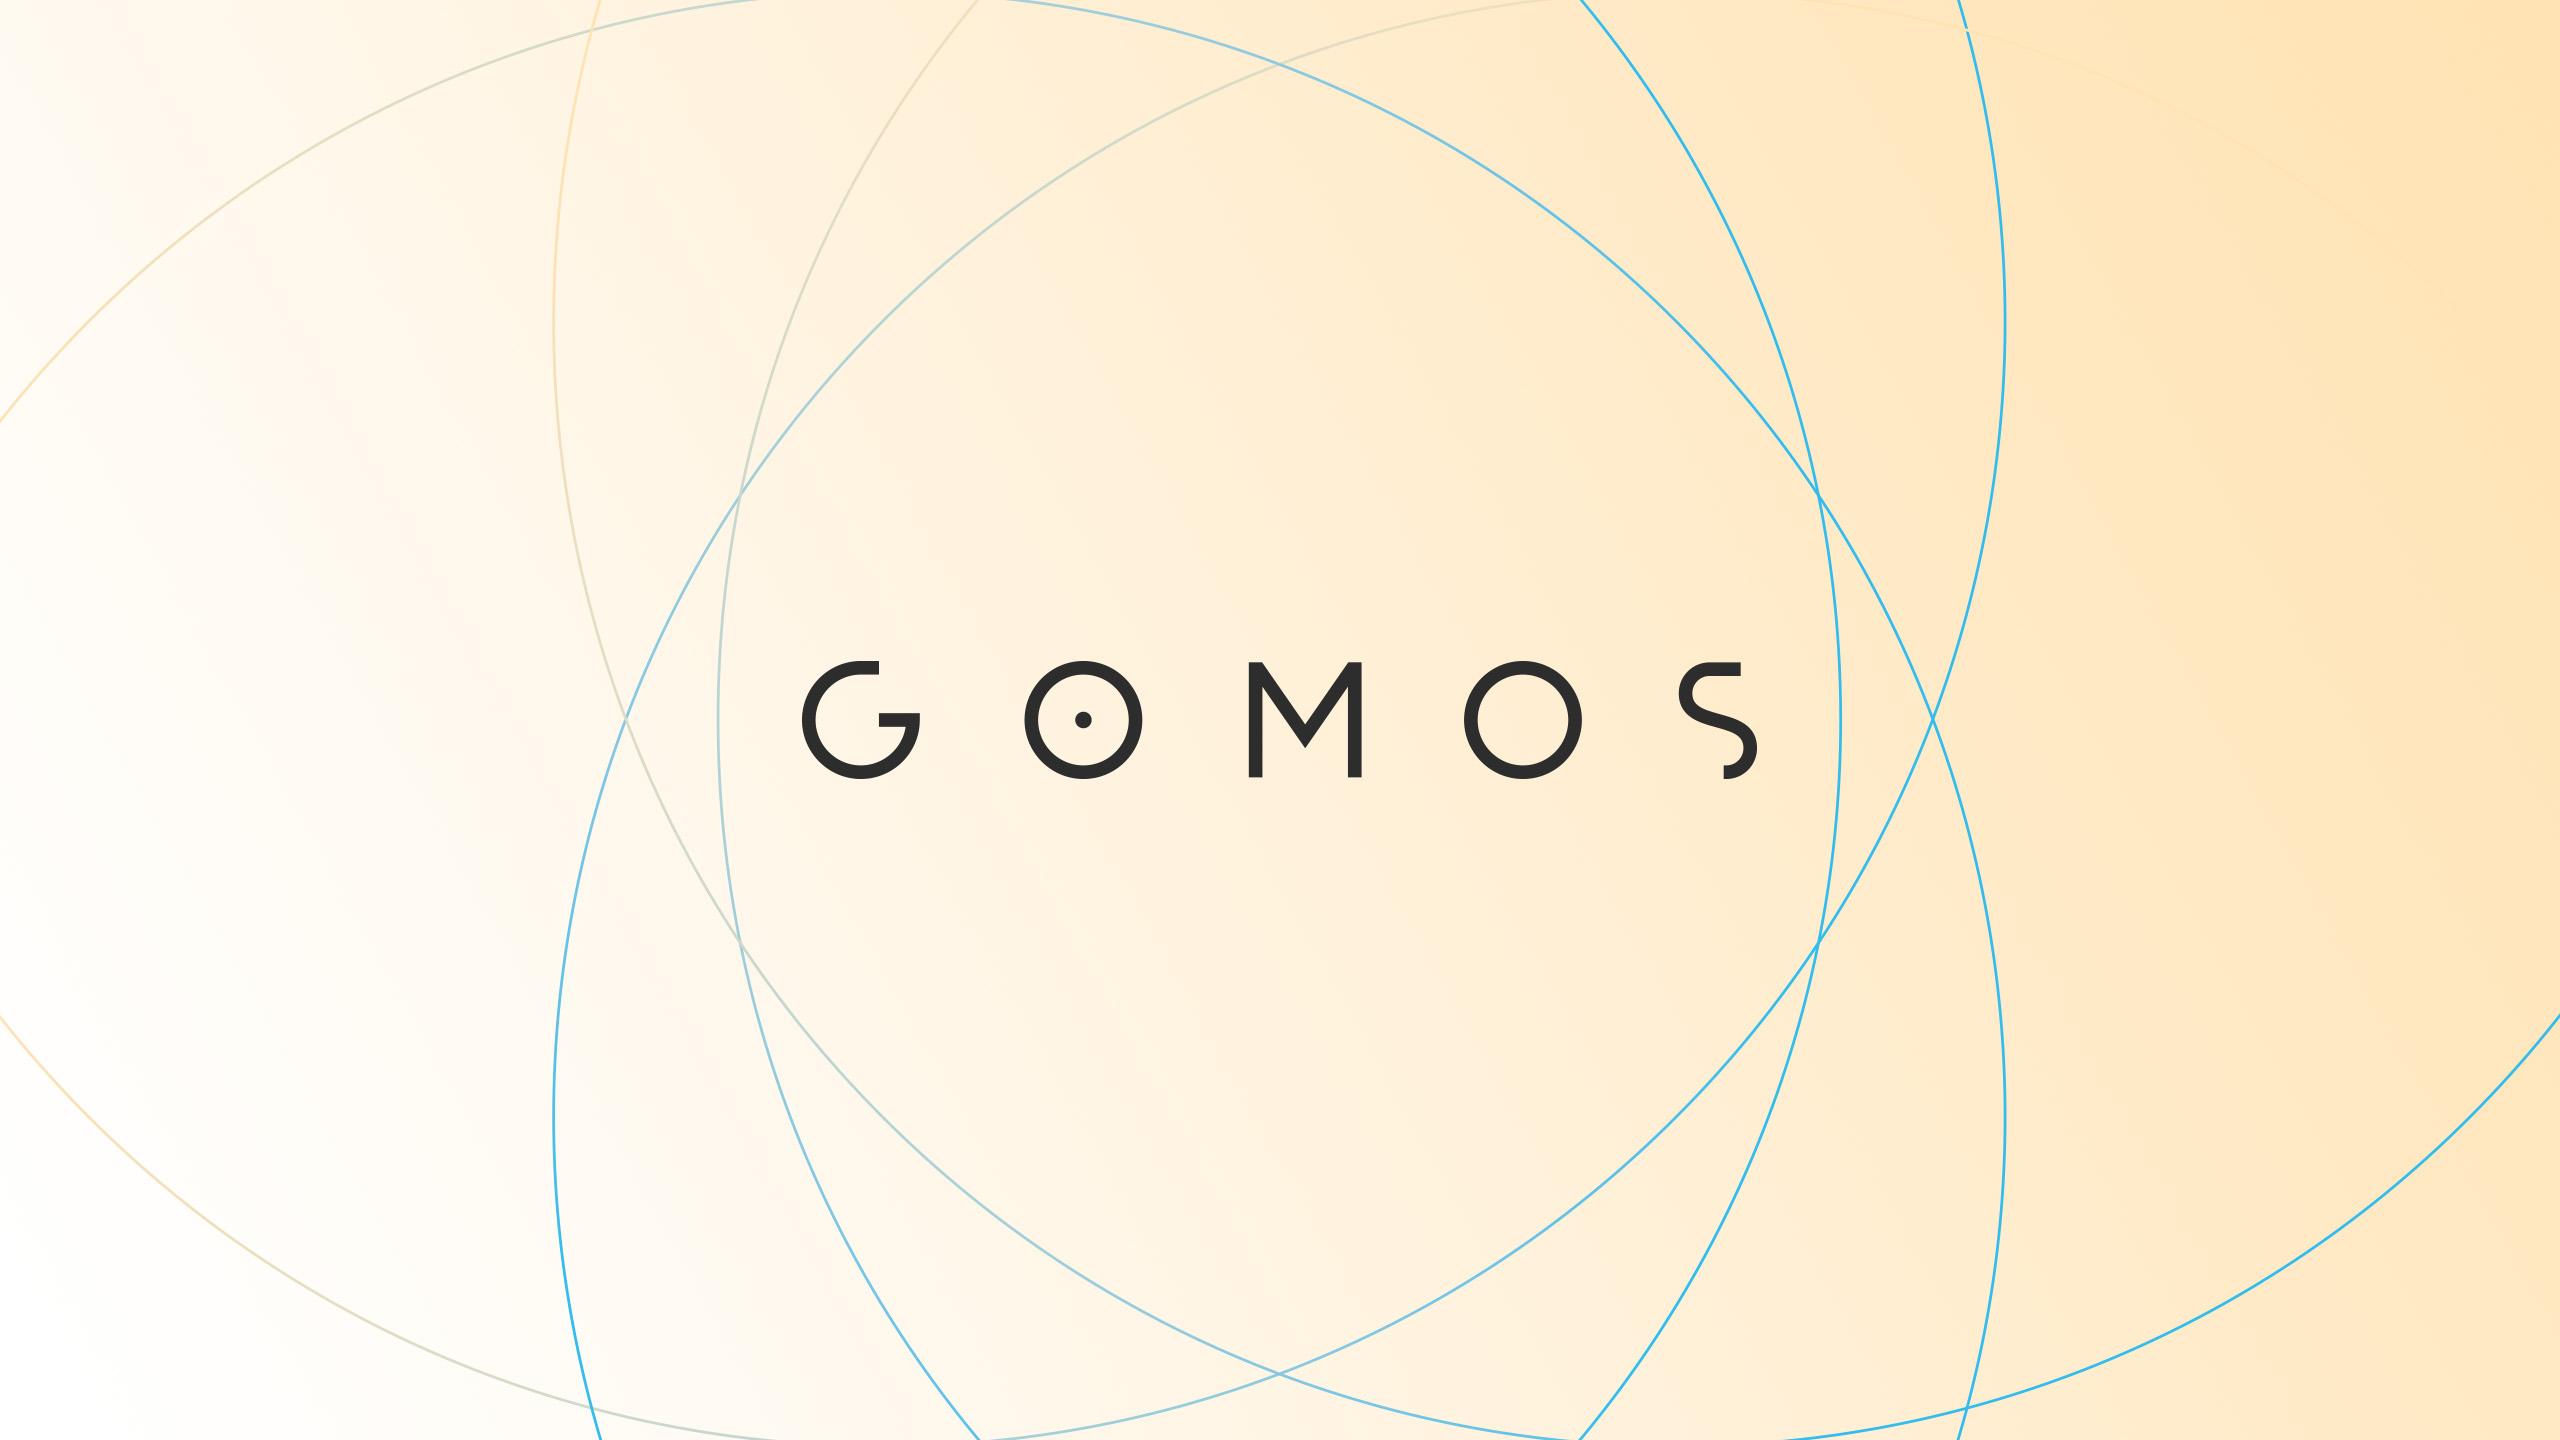 firmorama_gomos_02